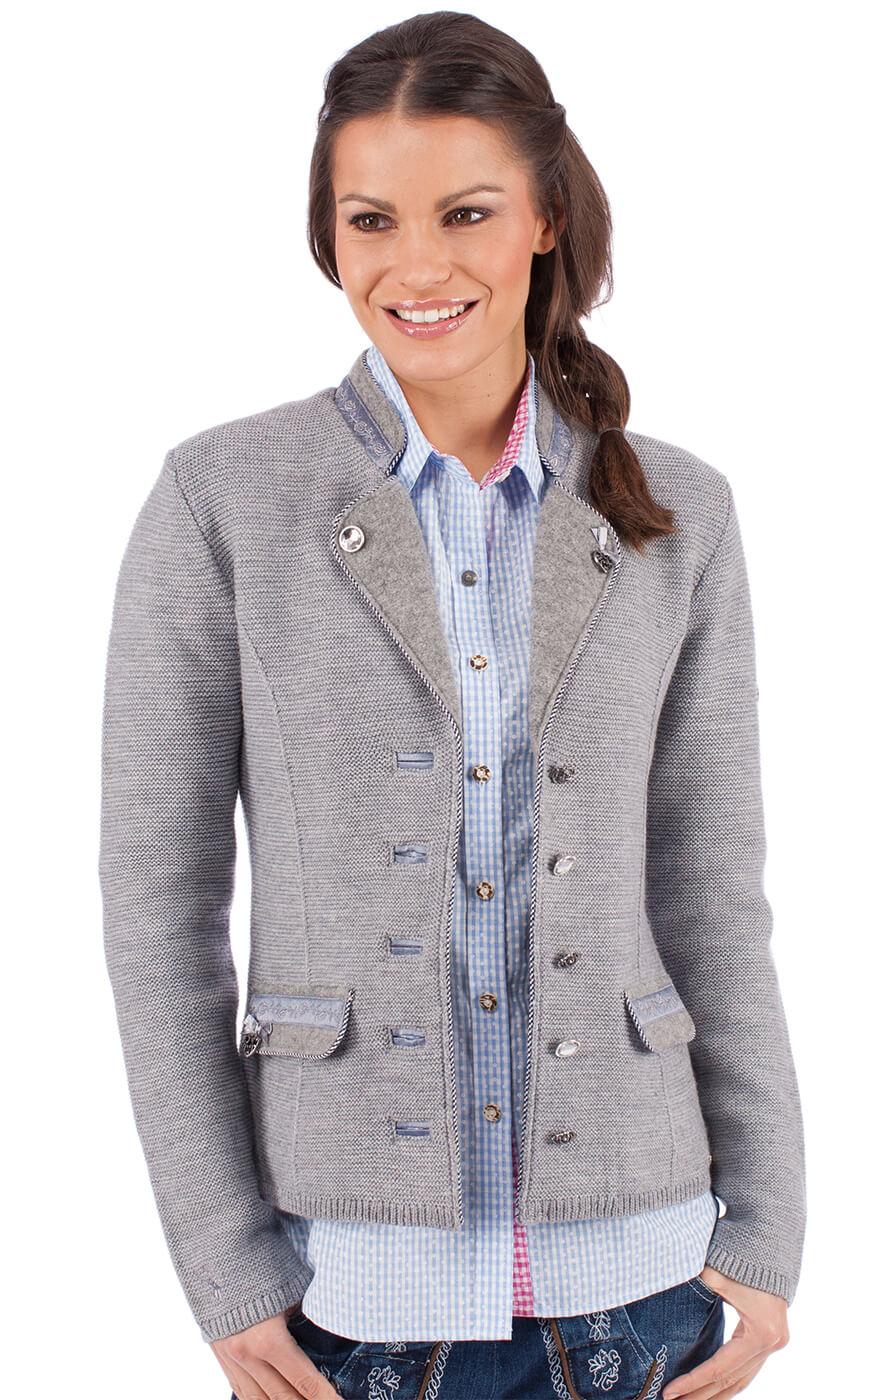 Giacca in maglia per Dirndl ELSBETH grigio von Spieth & Wensky